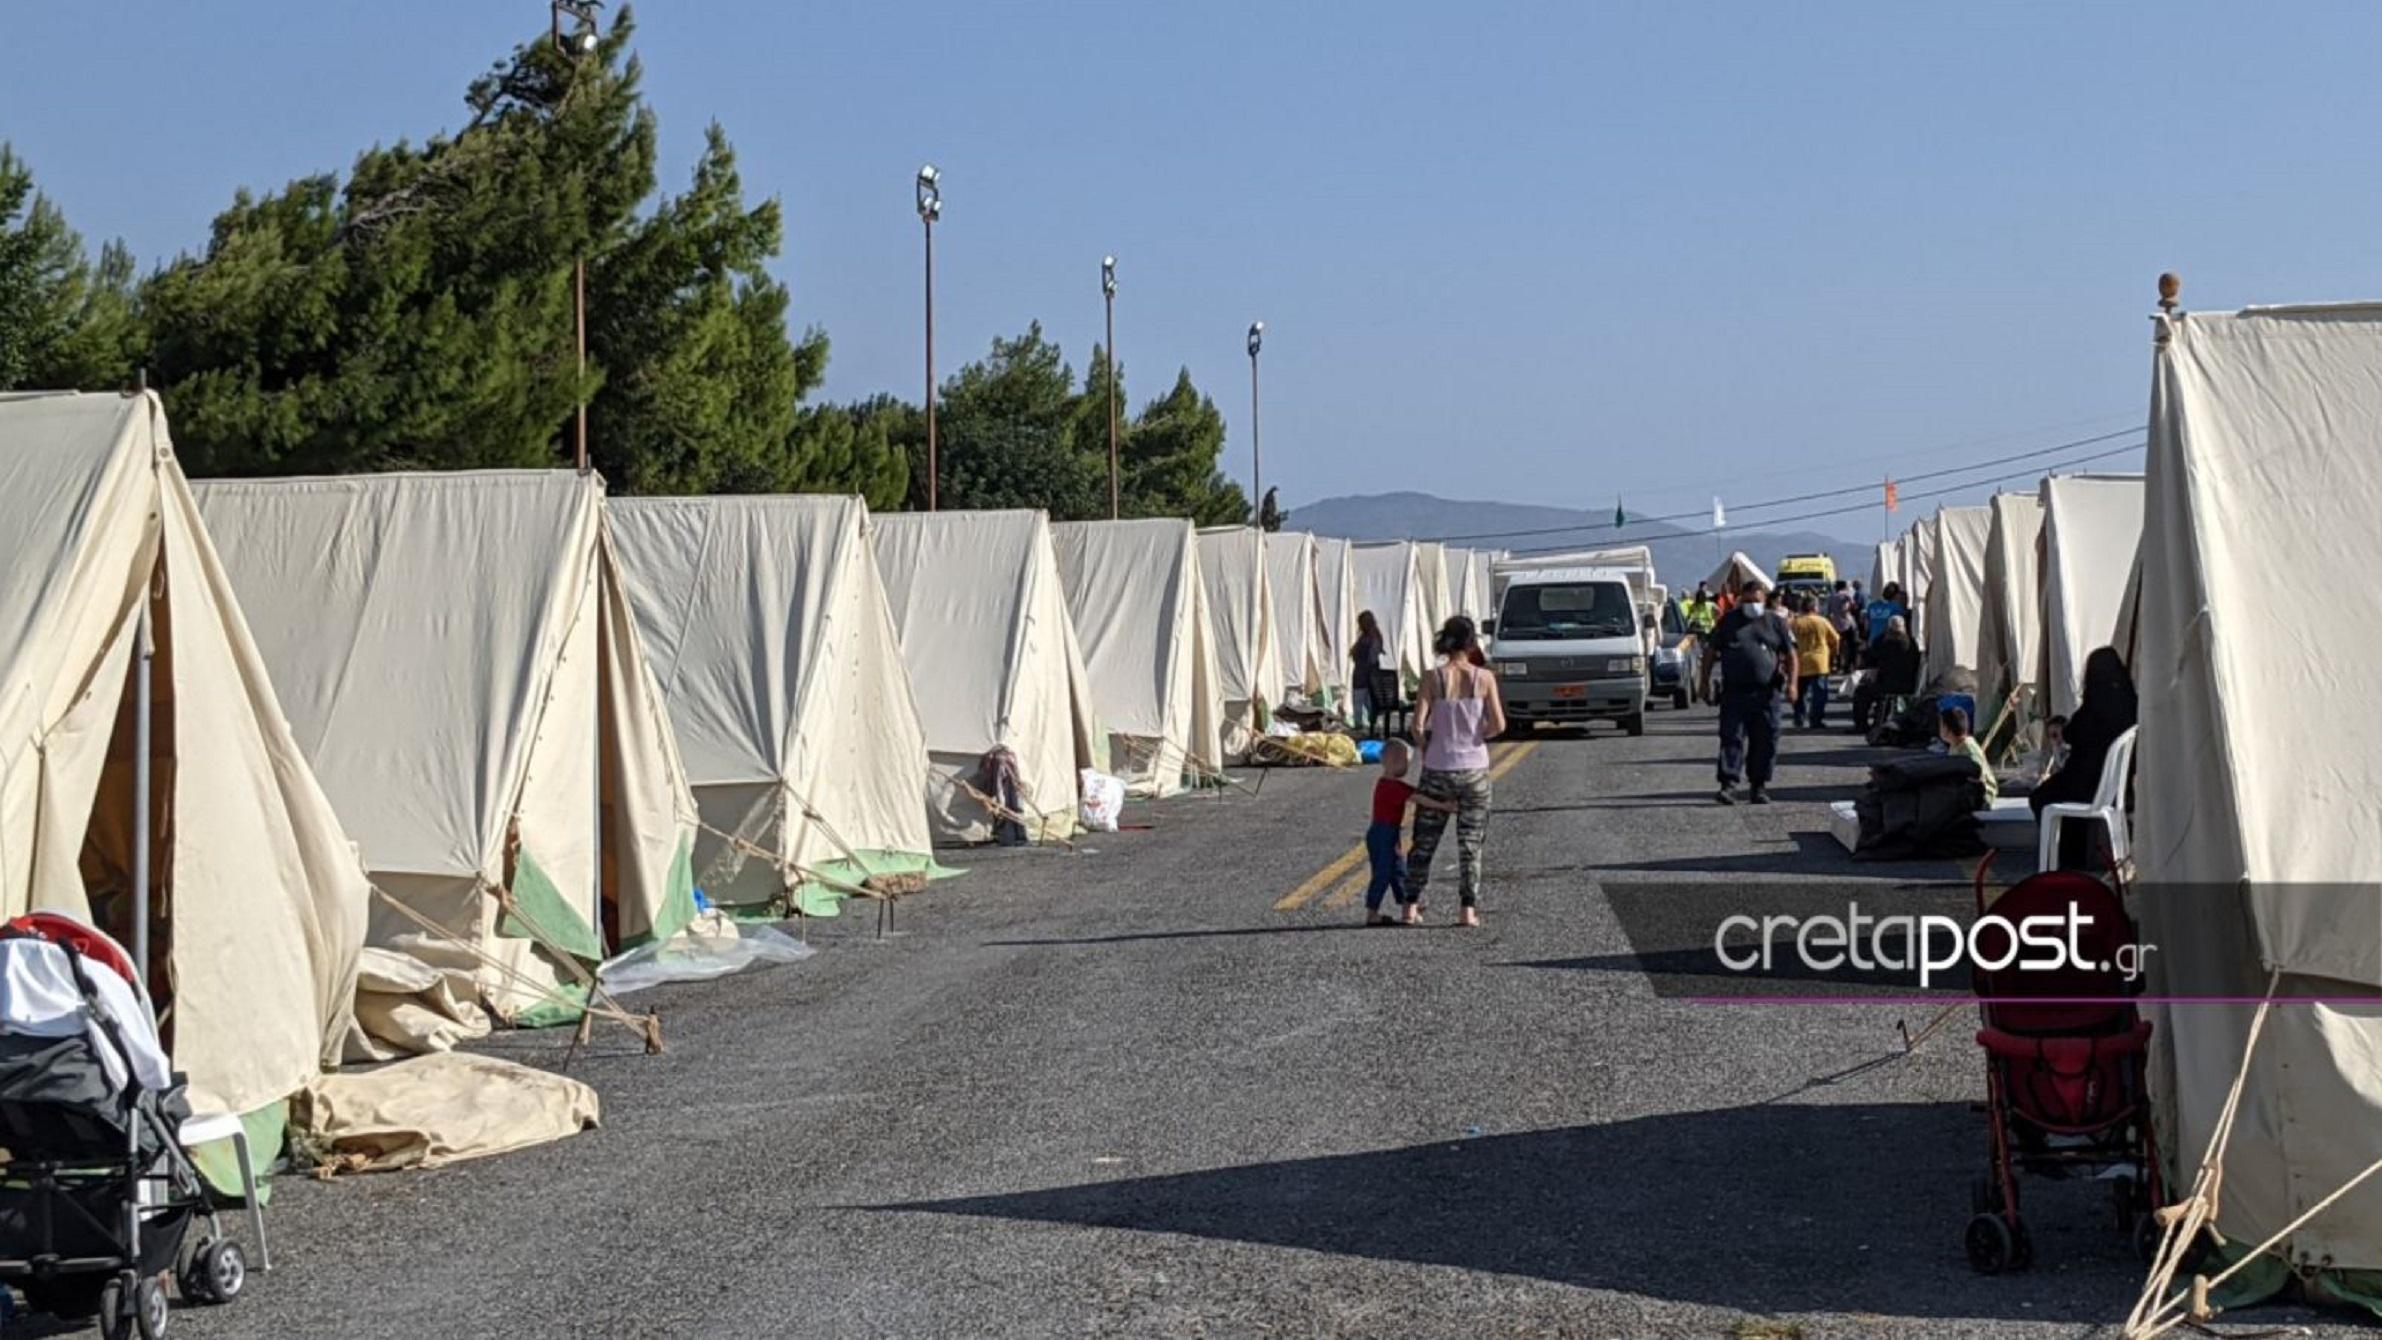 Σεισμός στην Κρήτη: Μόνο για εμβολιασμένους τα κρεβάτια στο κλειστό του μπάσκετ στο Αρκαλοχώρι